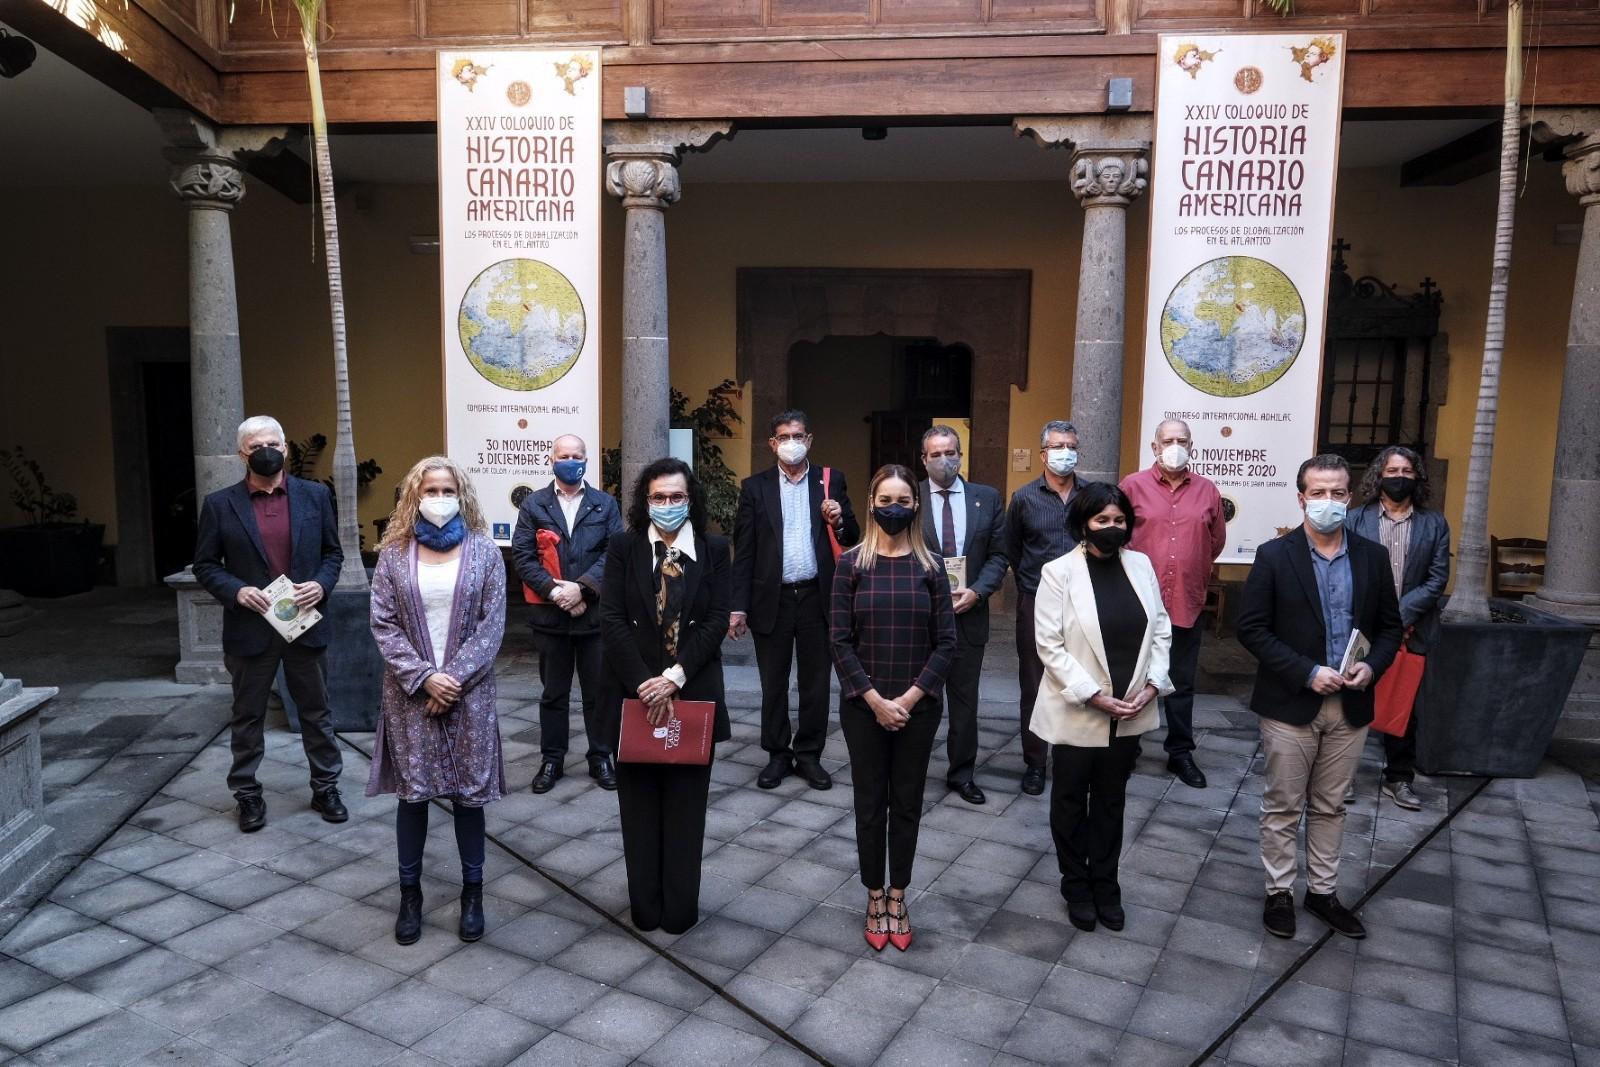 Representantes institucionales y miembros del Comité Científico del Coloquio, en la sesión de apertura del Coloquio